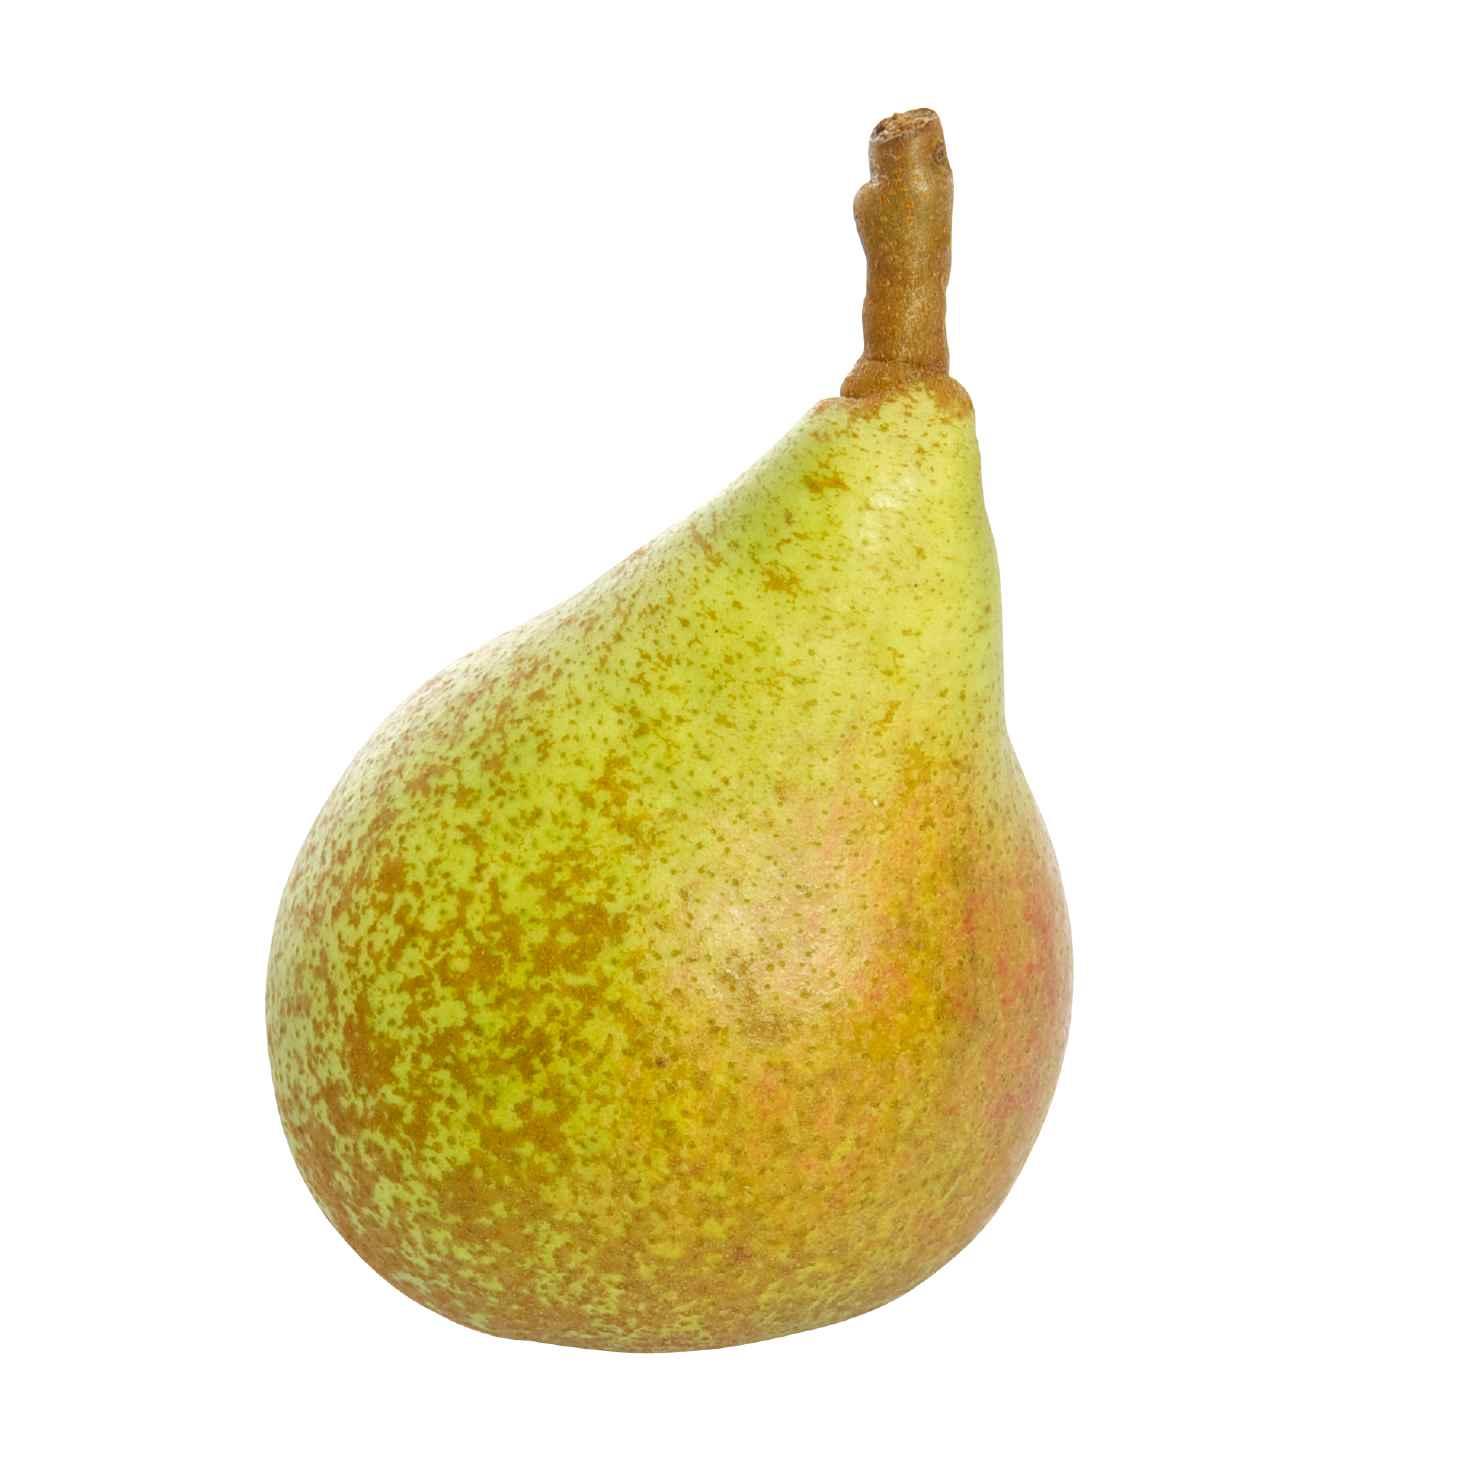 Produktbild 1 på Päronträd